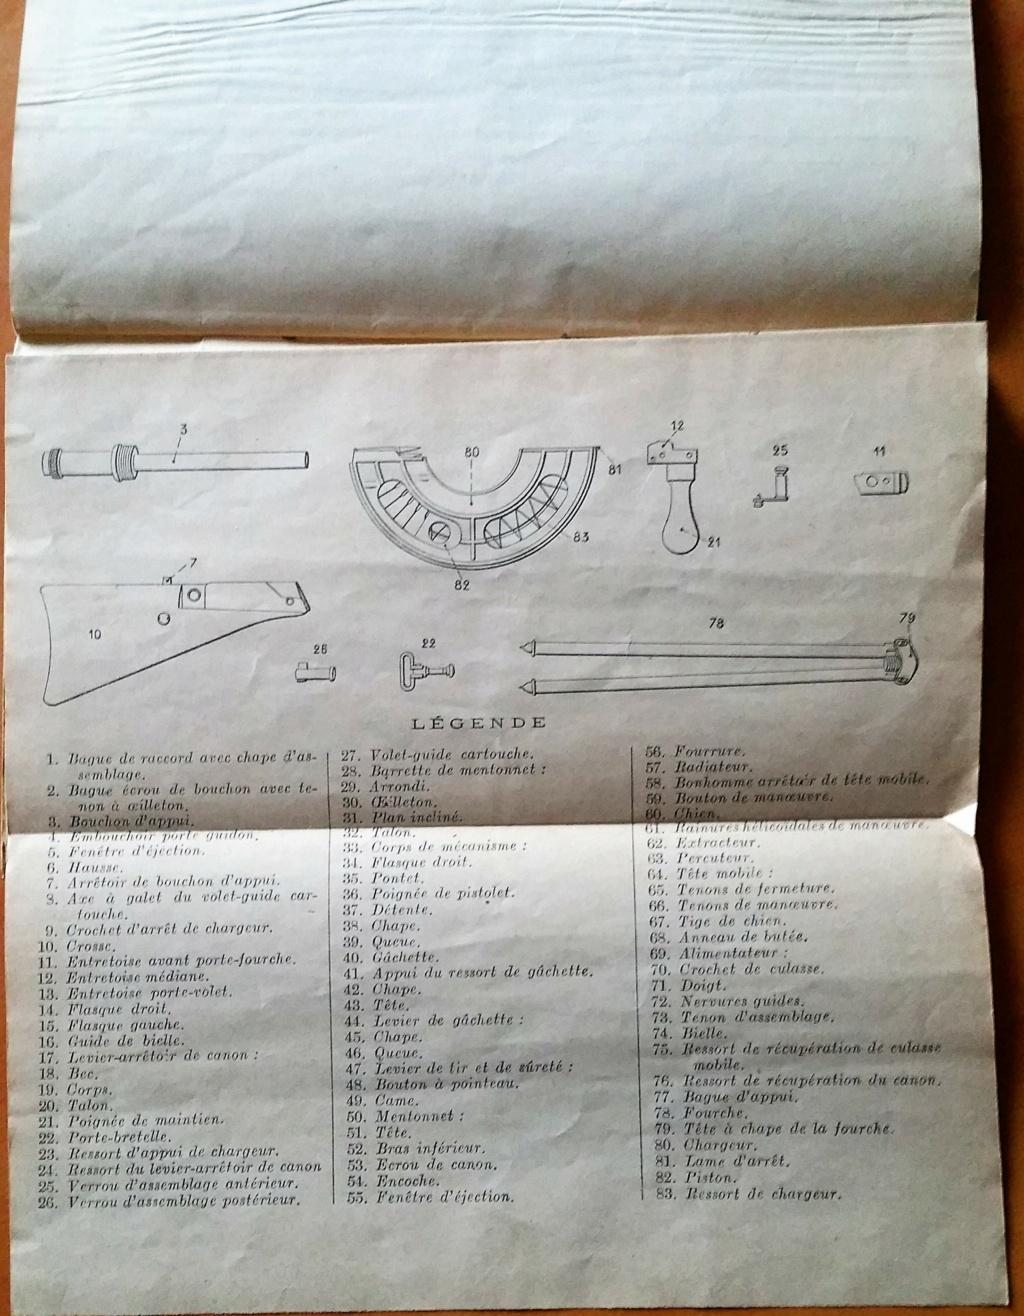 livret d'instruction FM chauchat carabine 1890 et revolver 1892 20201017